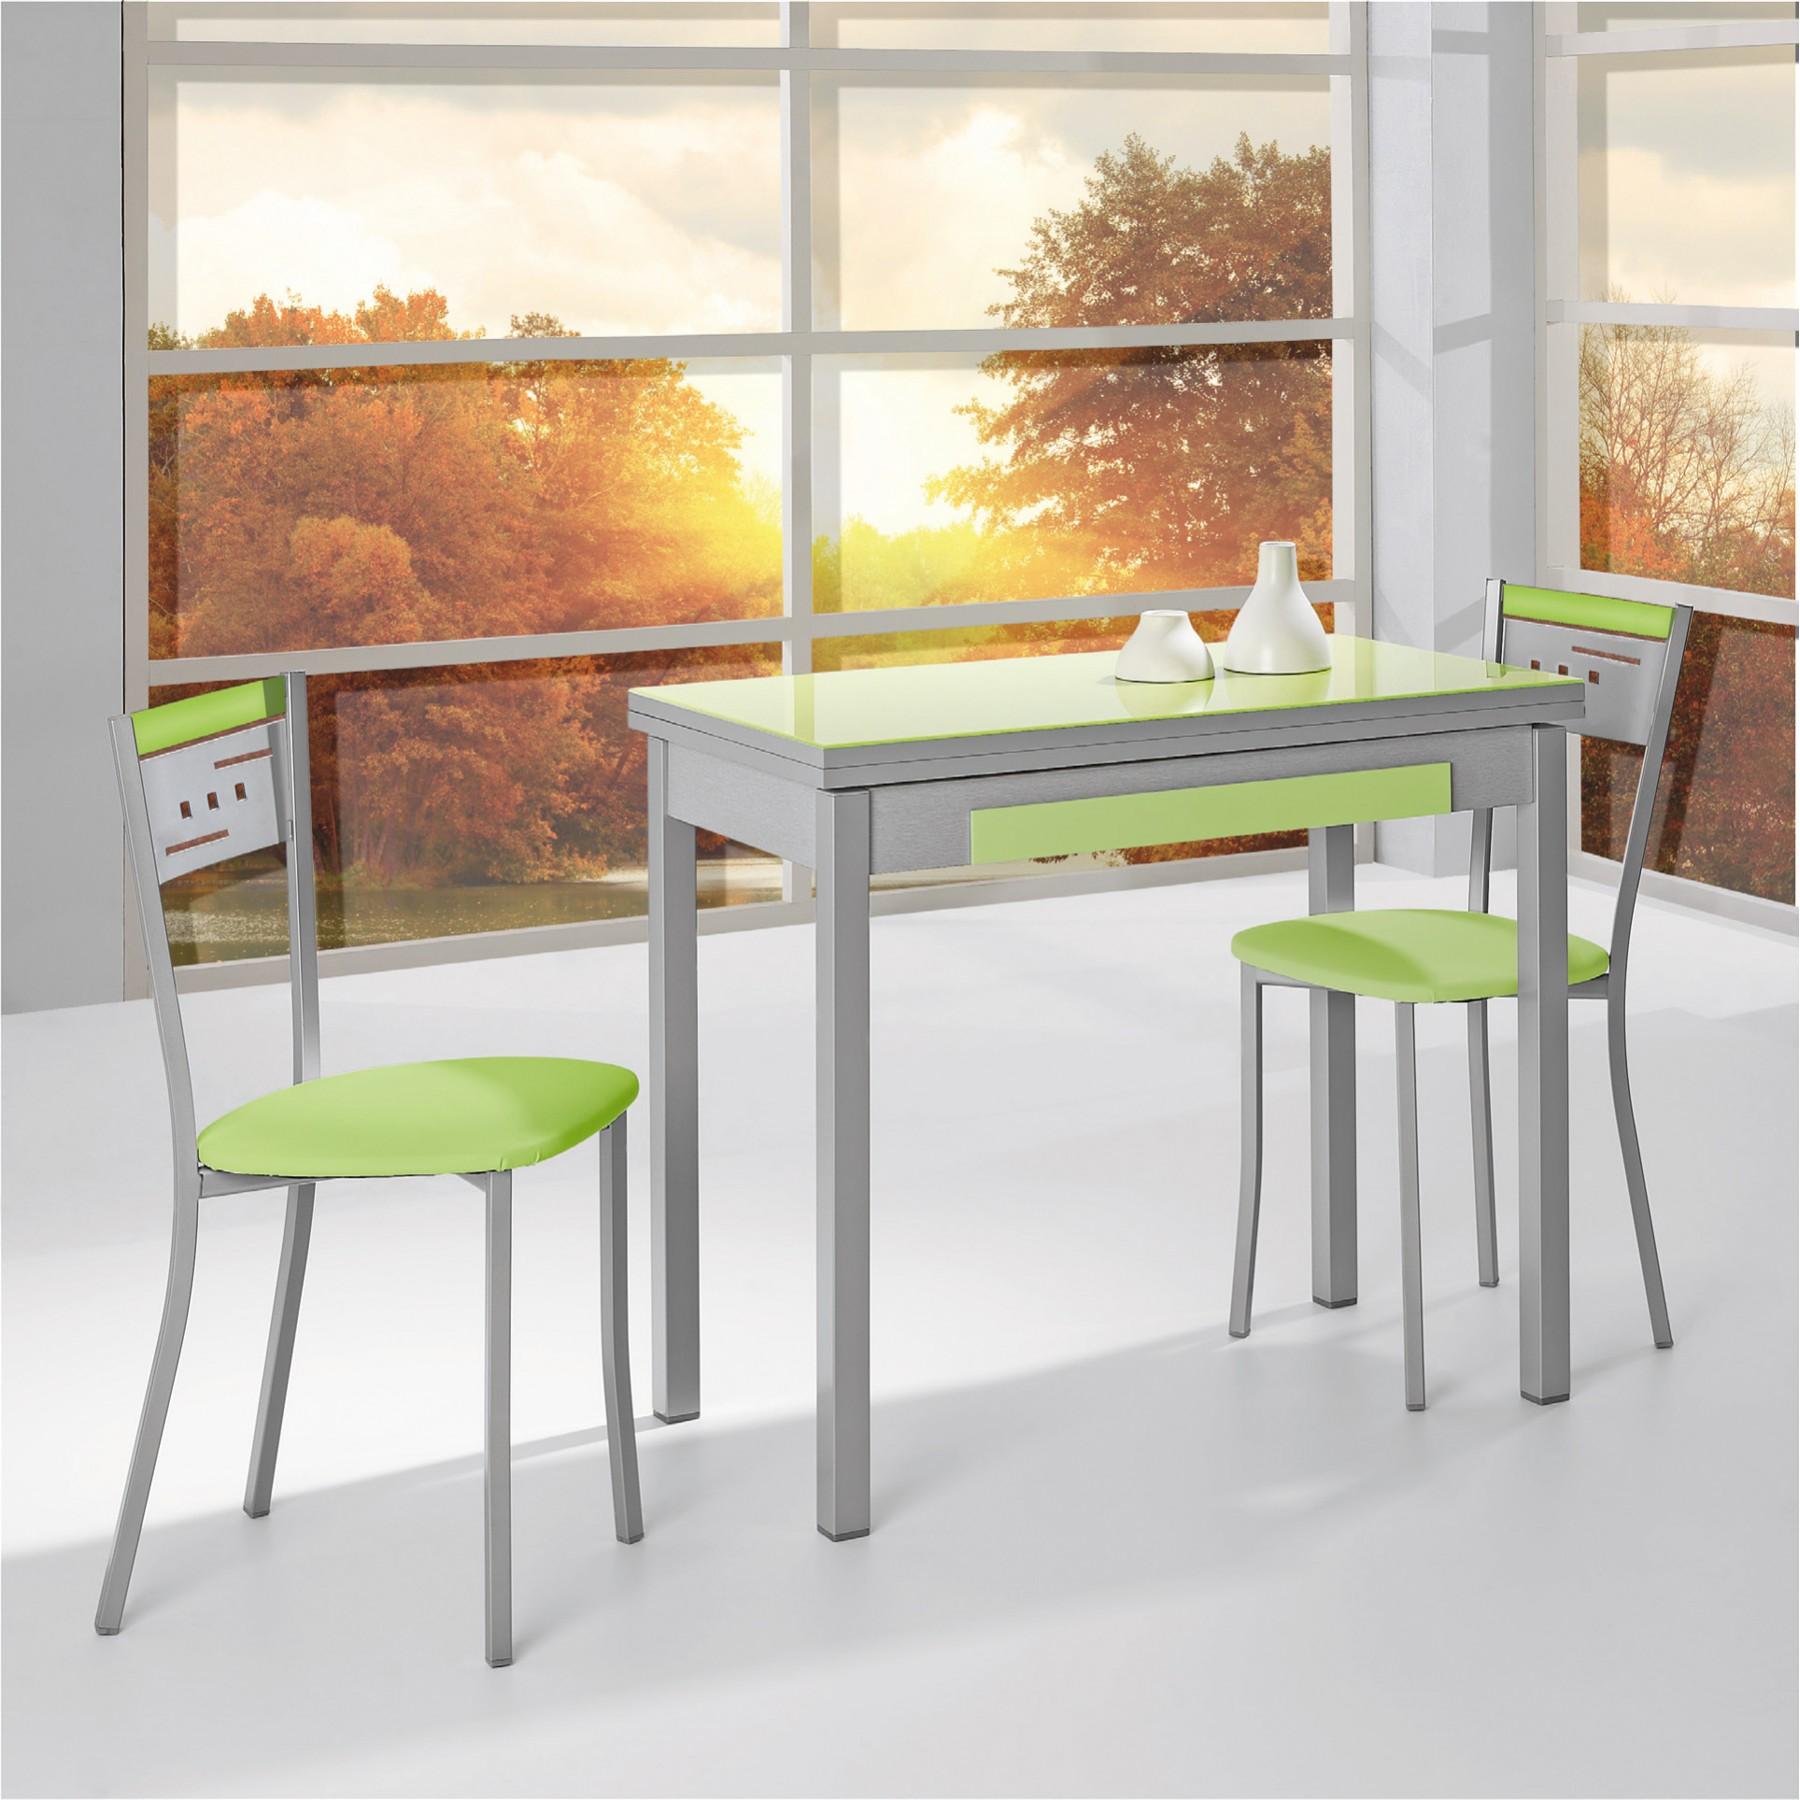 Conjunto de mesa libro y sillas de cocina modelo sunny for Mesas y sillas de cocina carrefour